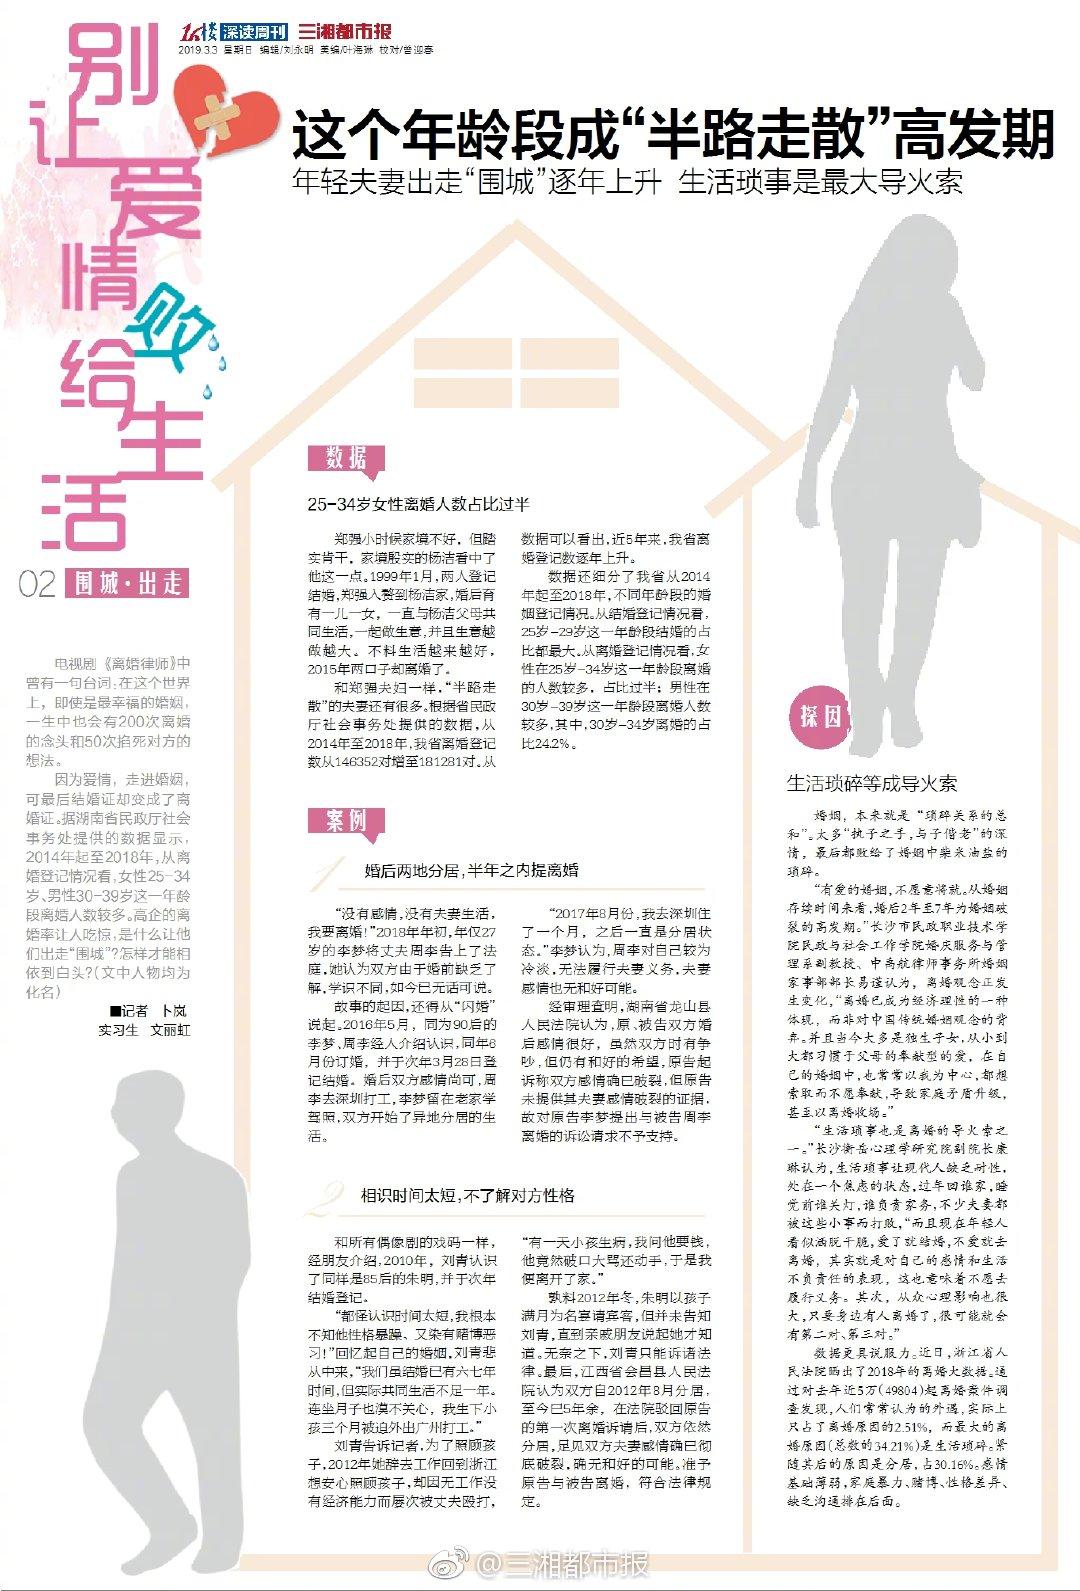 武林猛虎 电视剧